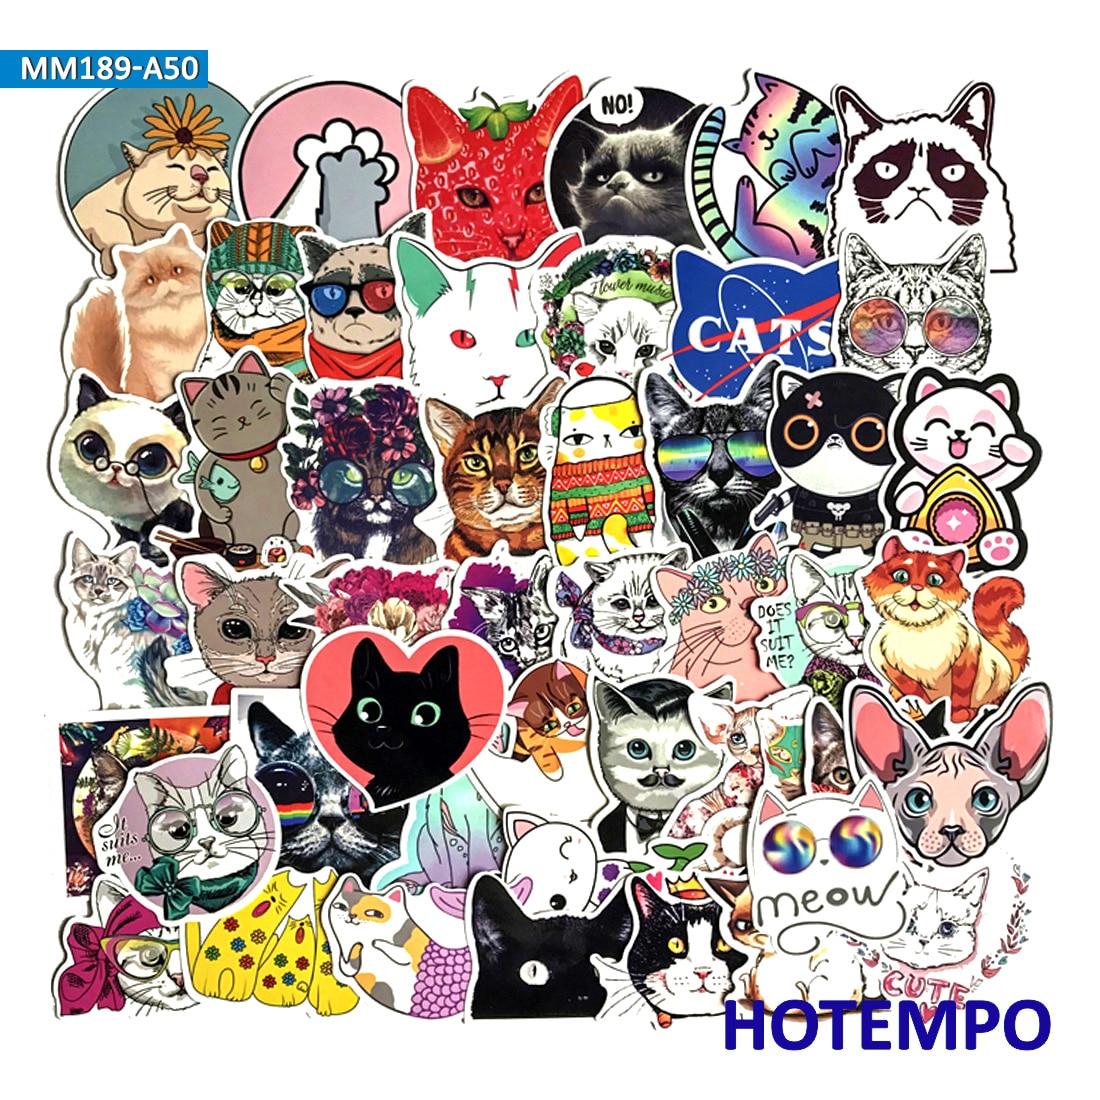 50 Stücke Schöne Cartoon Nette Katzen Emoji Aufkleber Für Diy Handy Laptop Gepäck Koffer Skateboard Wasserdicht Aufkleber Aufkleber StraßEnpreis